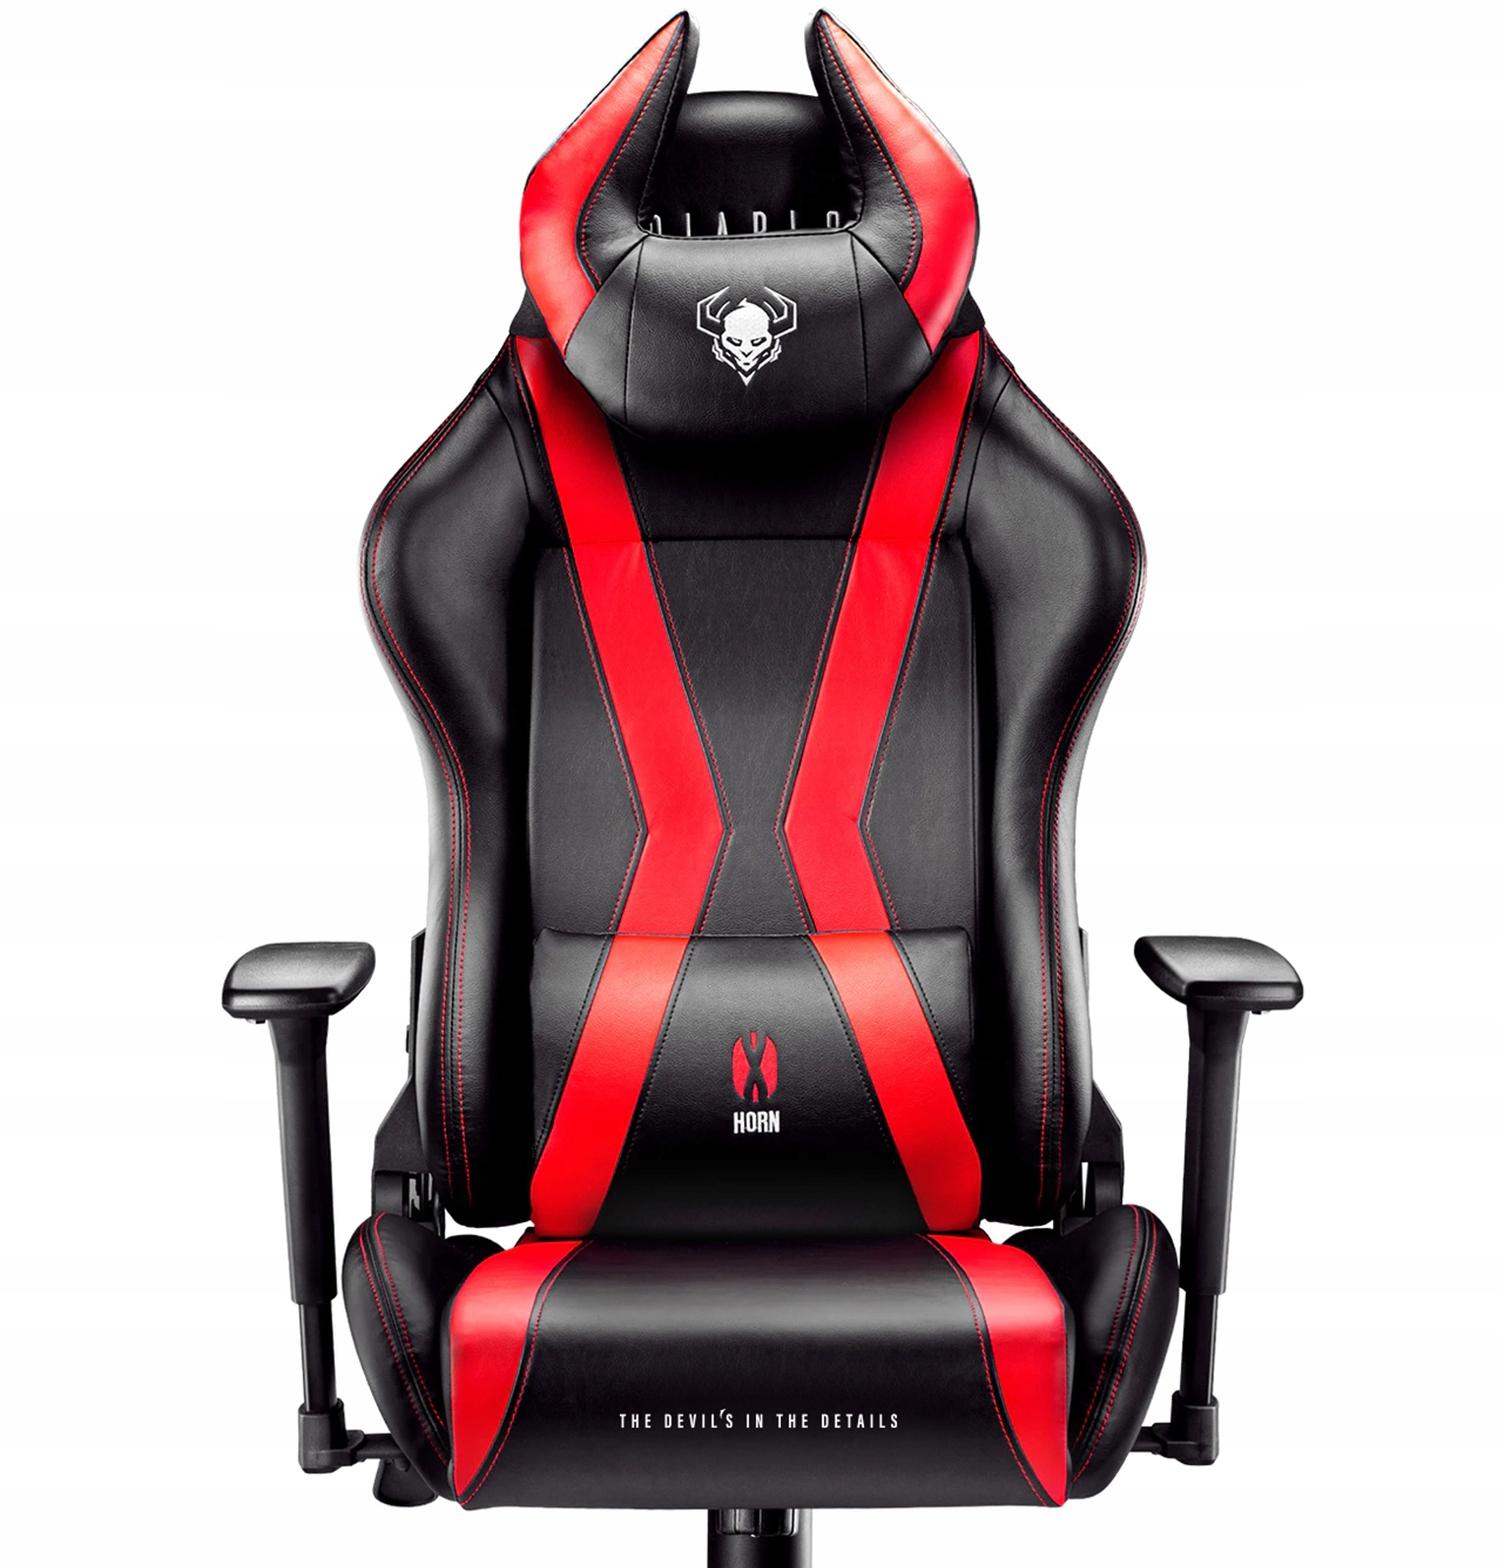 Fotel Gamingowy Diablo X Horn L Dla Gracza Biurowy